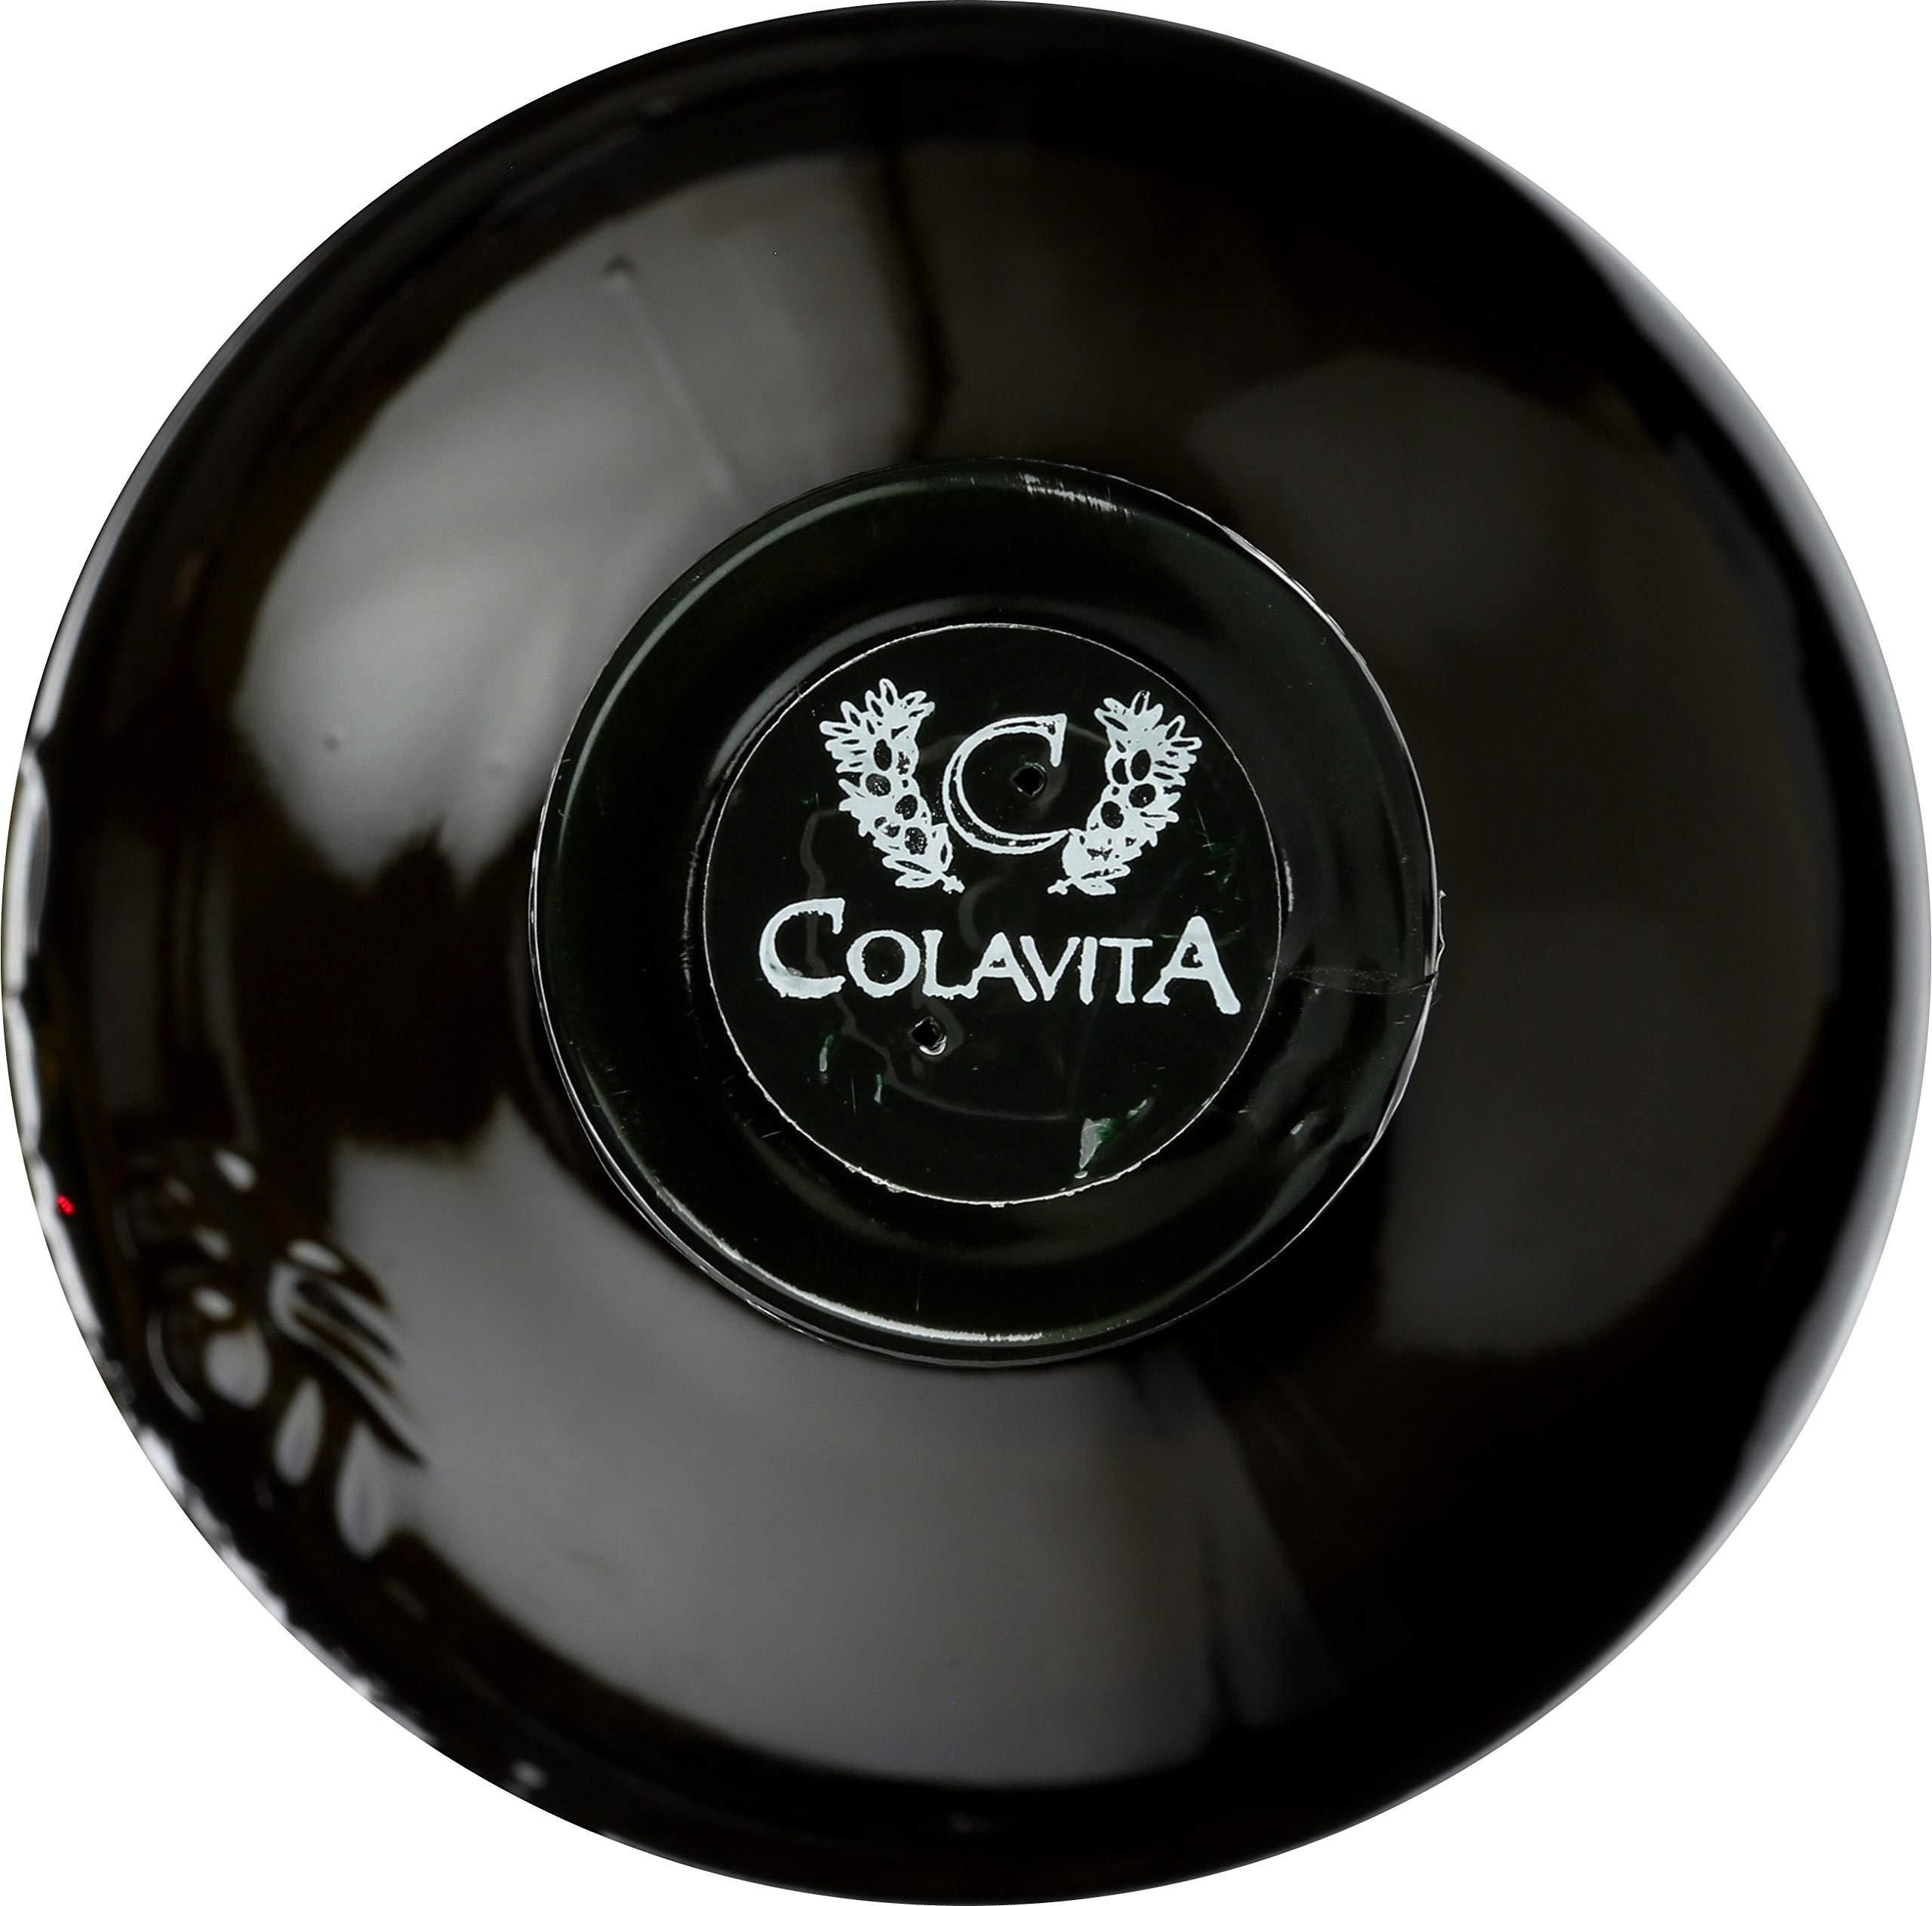 Colavita Extra Virgin Olive Oil, 33.8 fl oz by Colavita (Image #8)